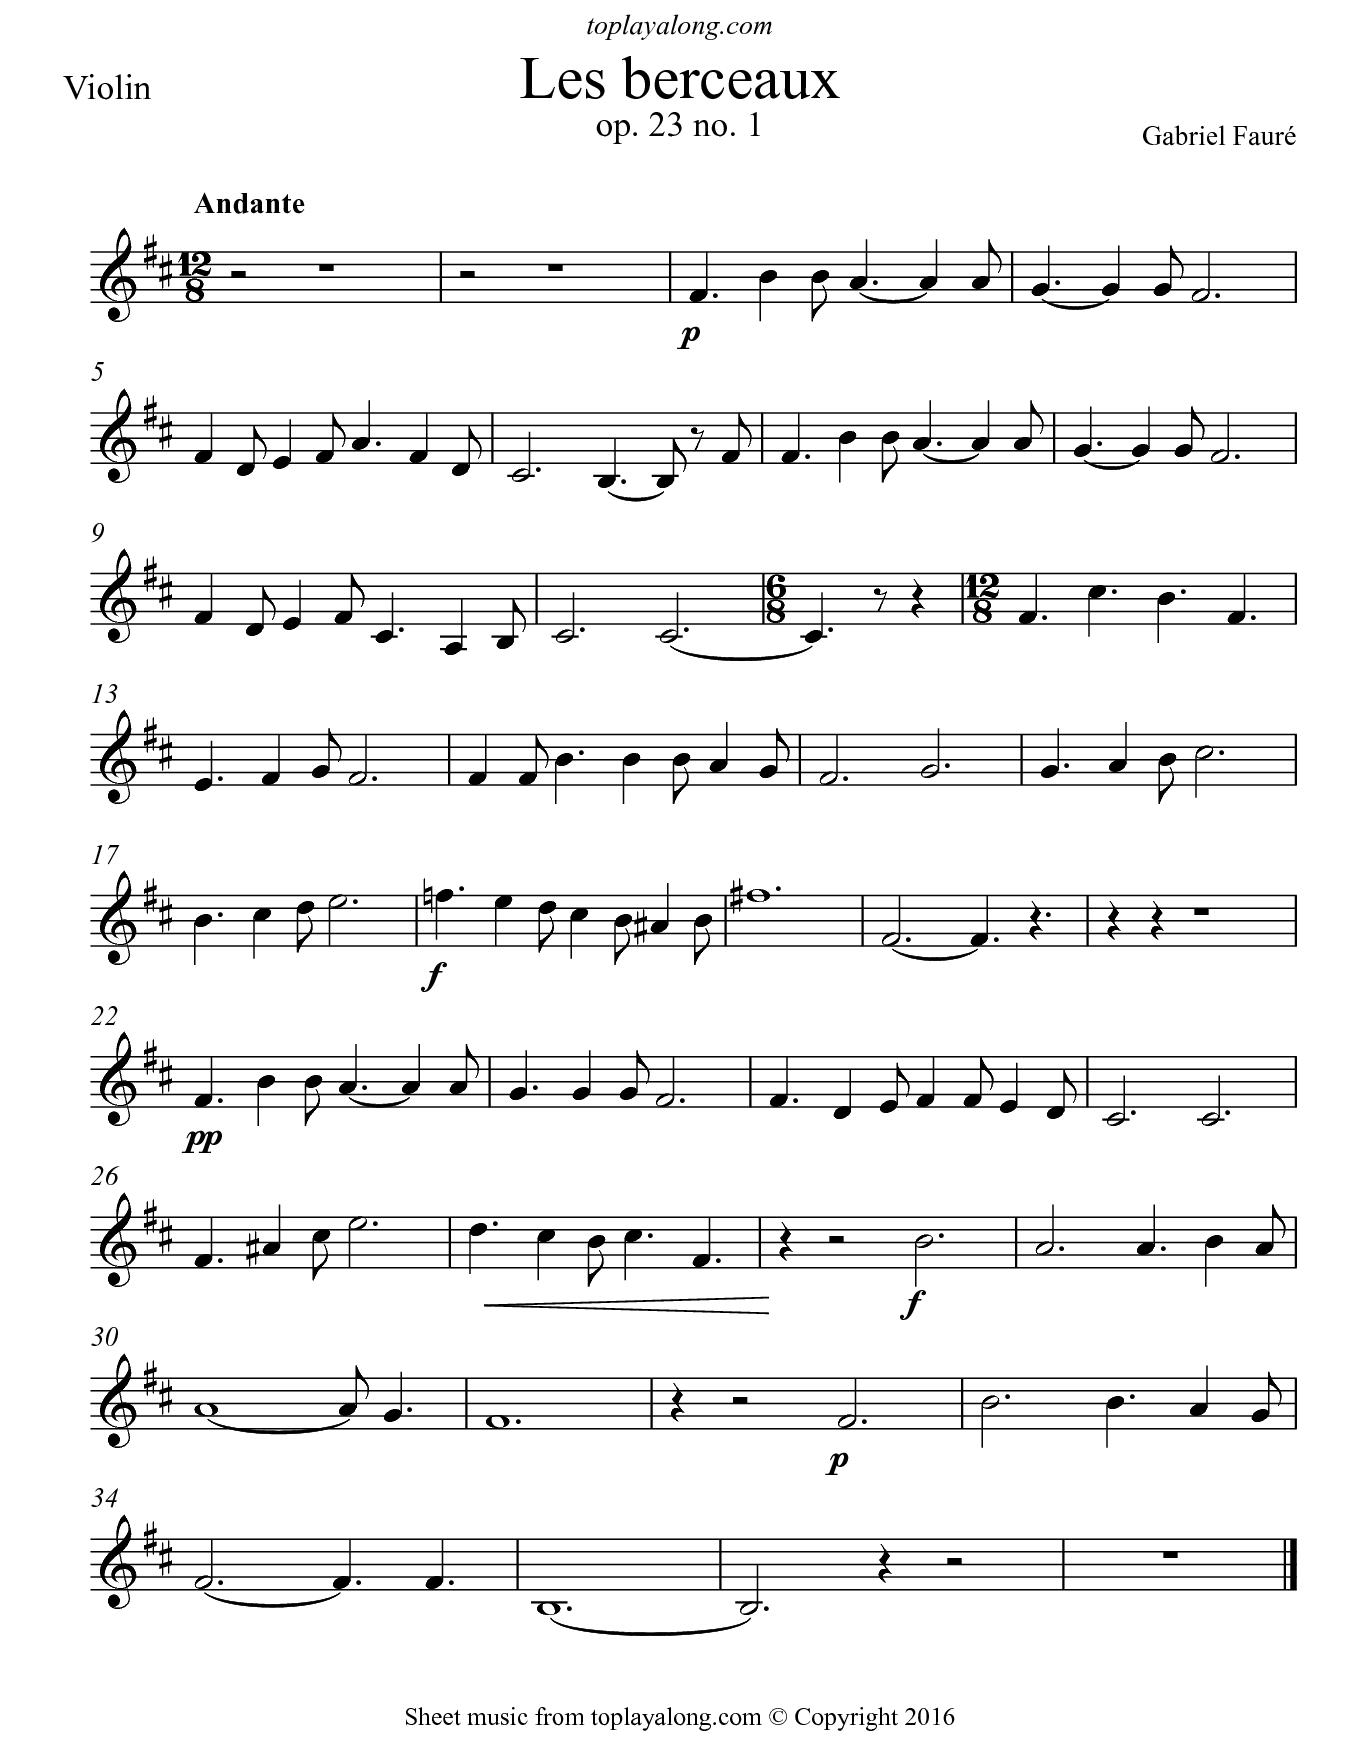 Les berceaux by Fauré. Sheet music for Violin, page 1.